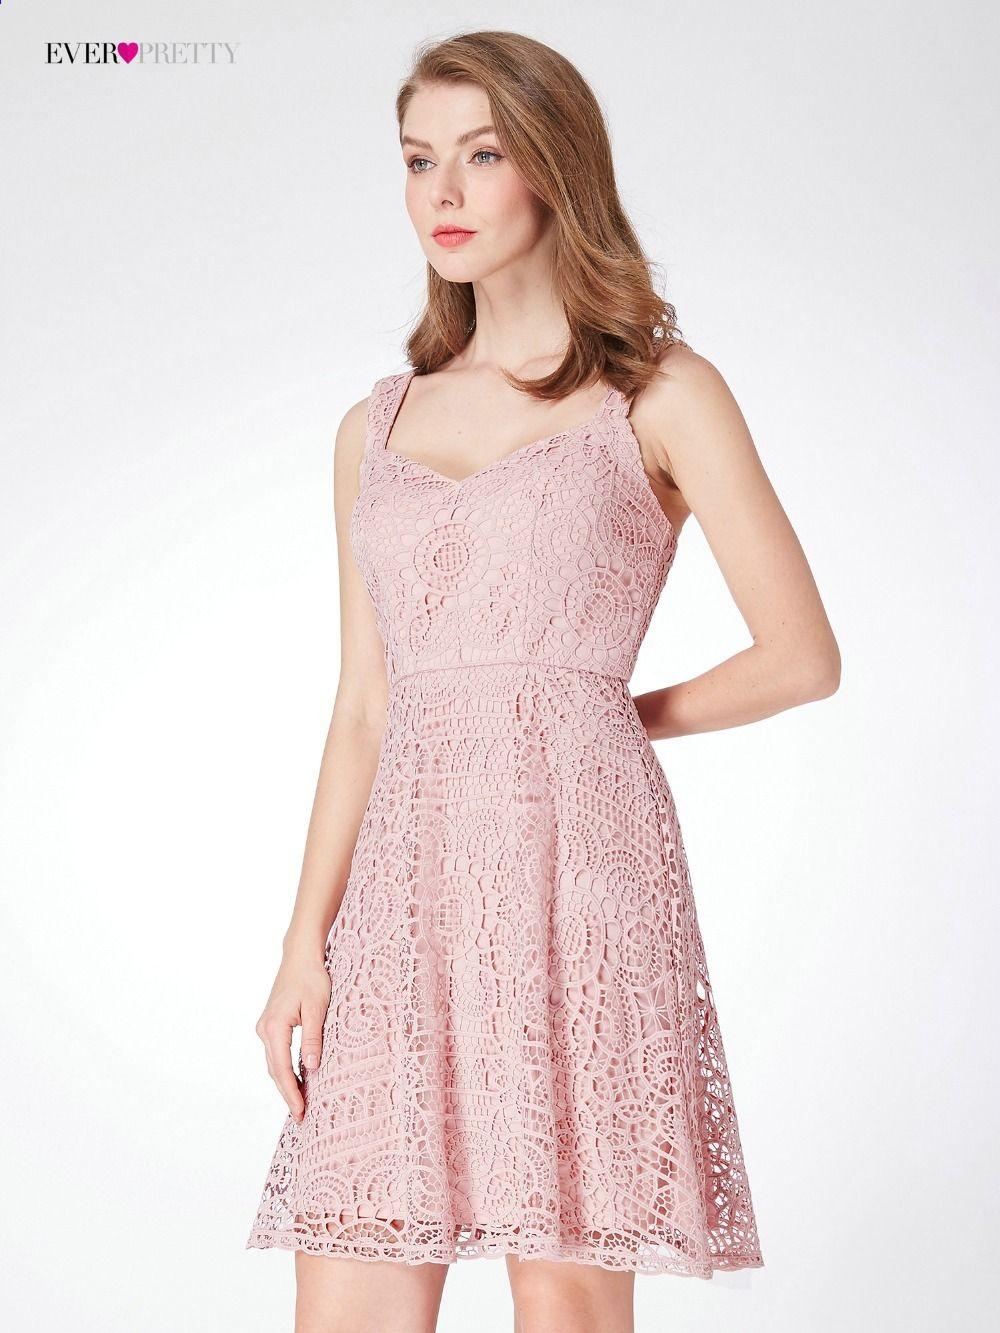 e59eaafb1d6c फीता दुल्हन की पोशाक कभी कभी सुंदर ईपी04038 घुटने की लंबाई महिला  सुरुचिपूर्ण आस्तीन ...